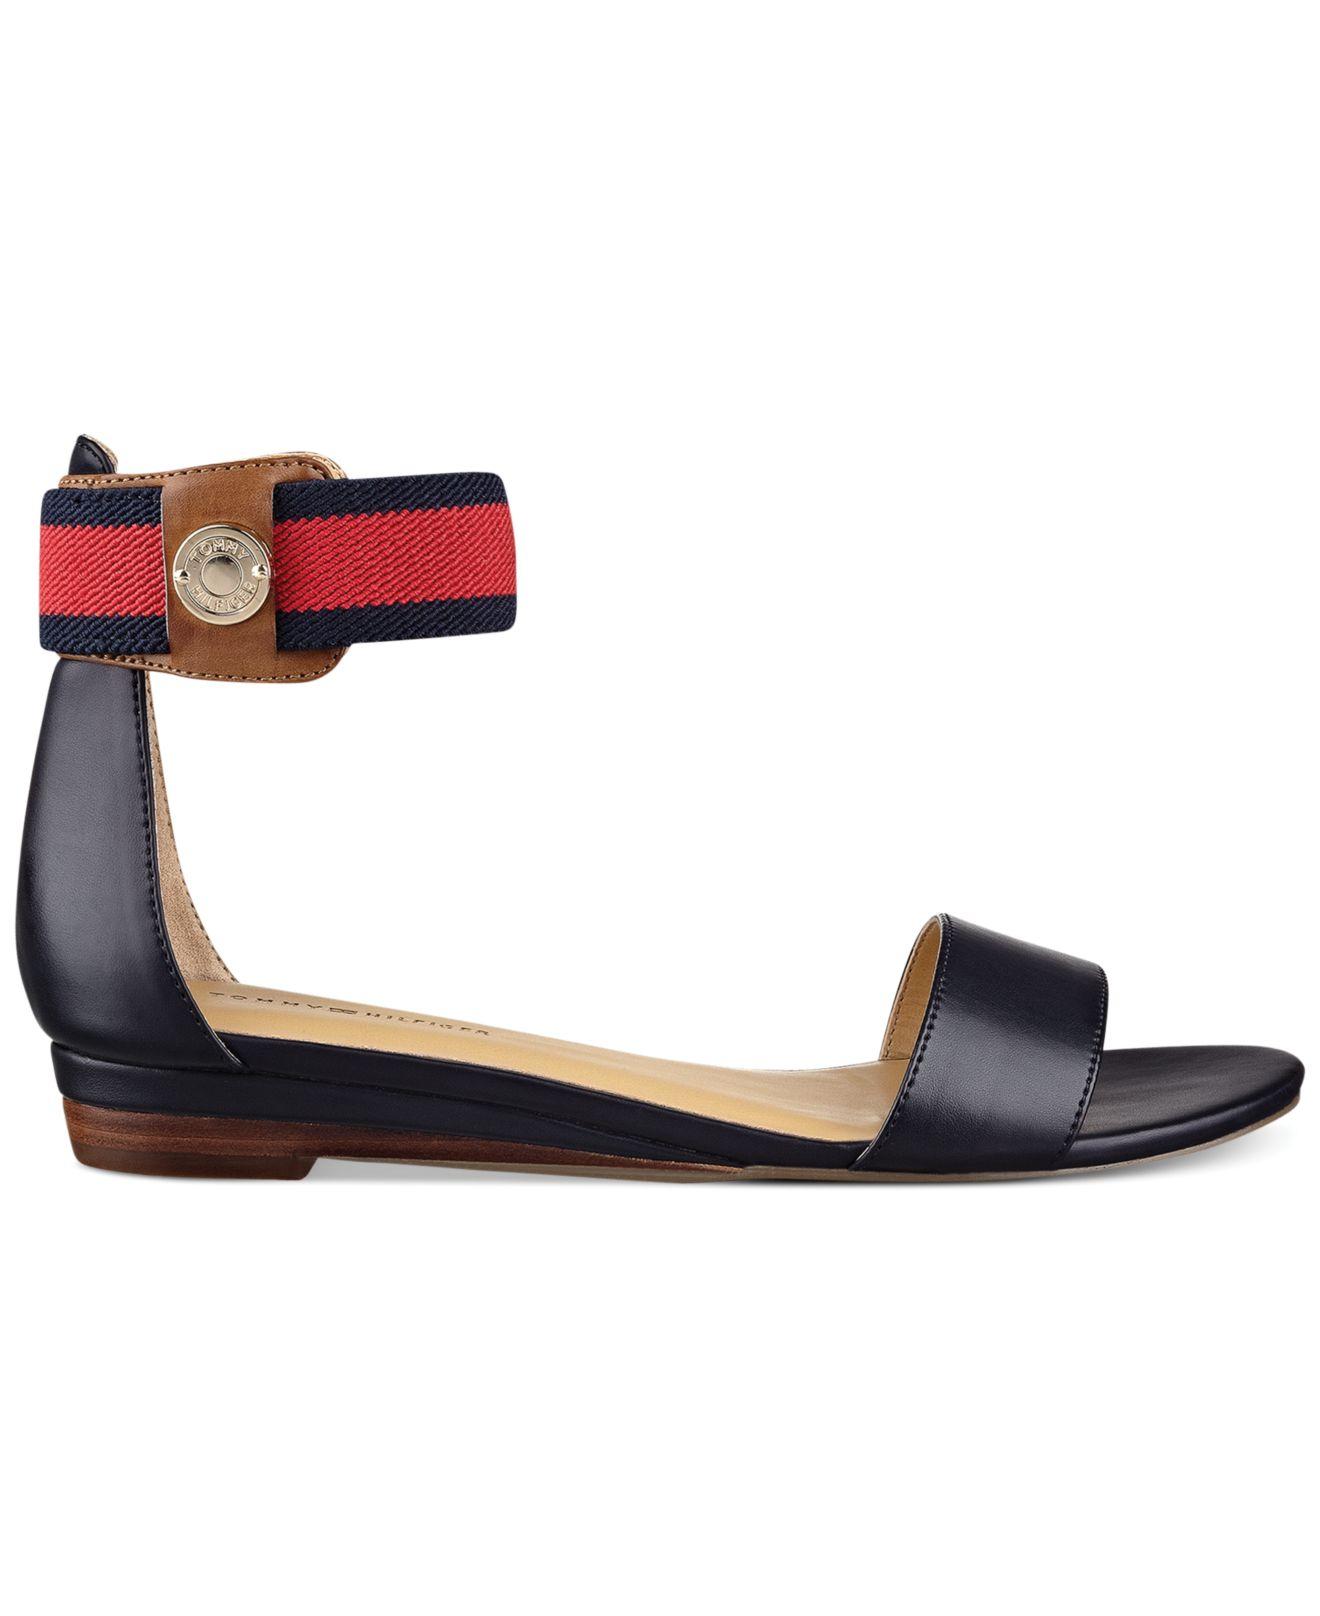 84e957dd0 Tutto Tommy Hilfiger Women Sandals Prodotto